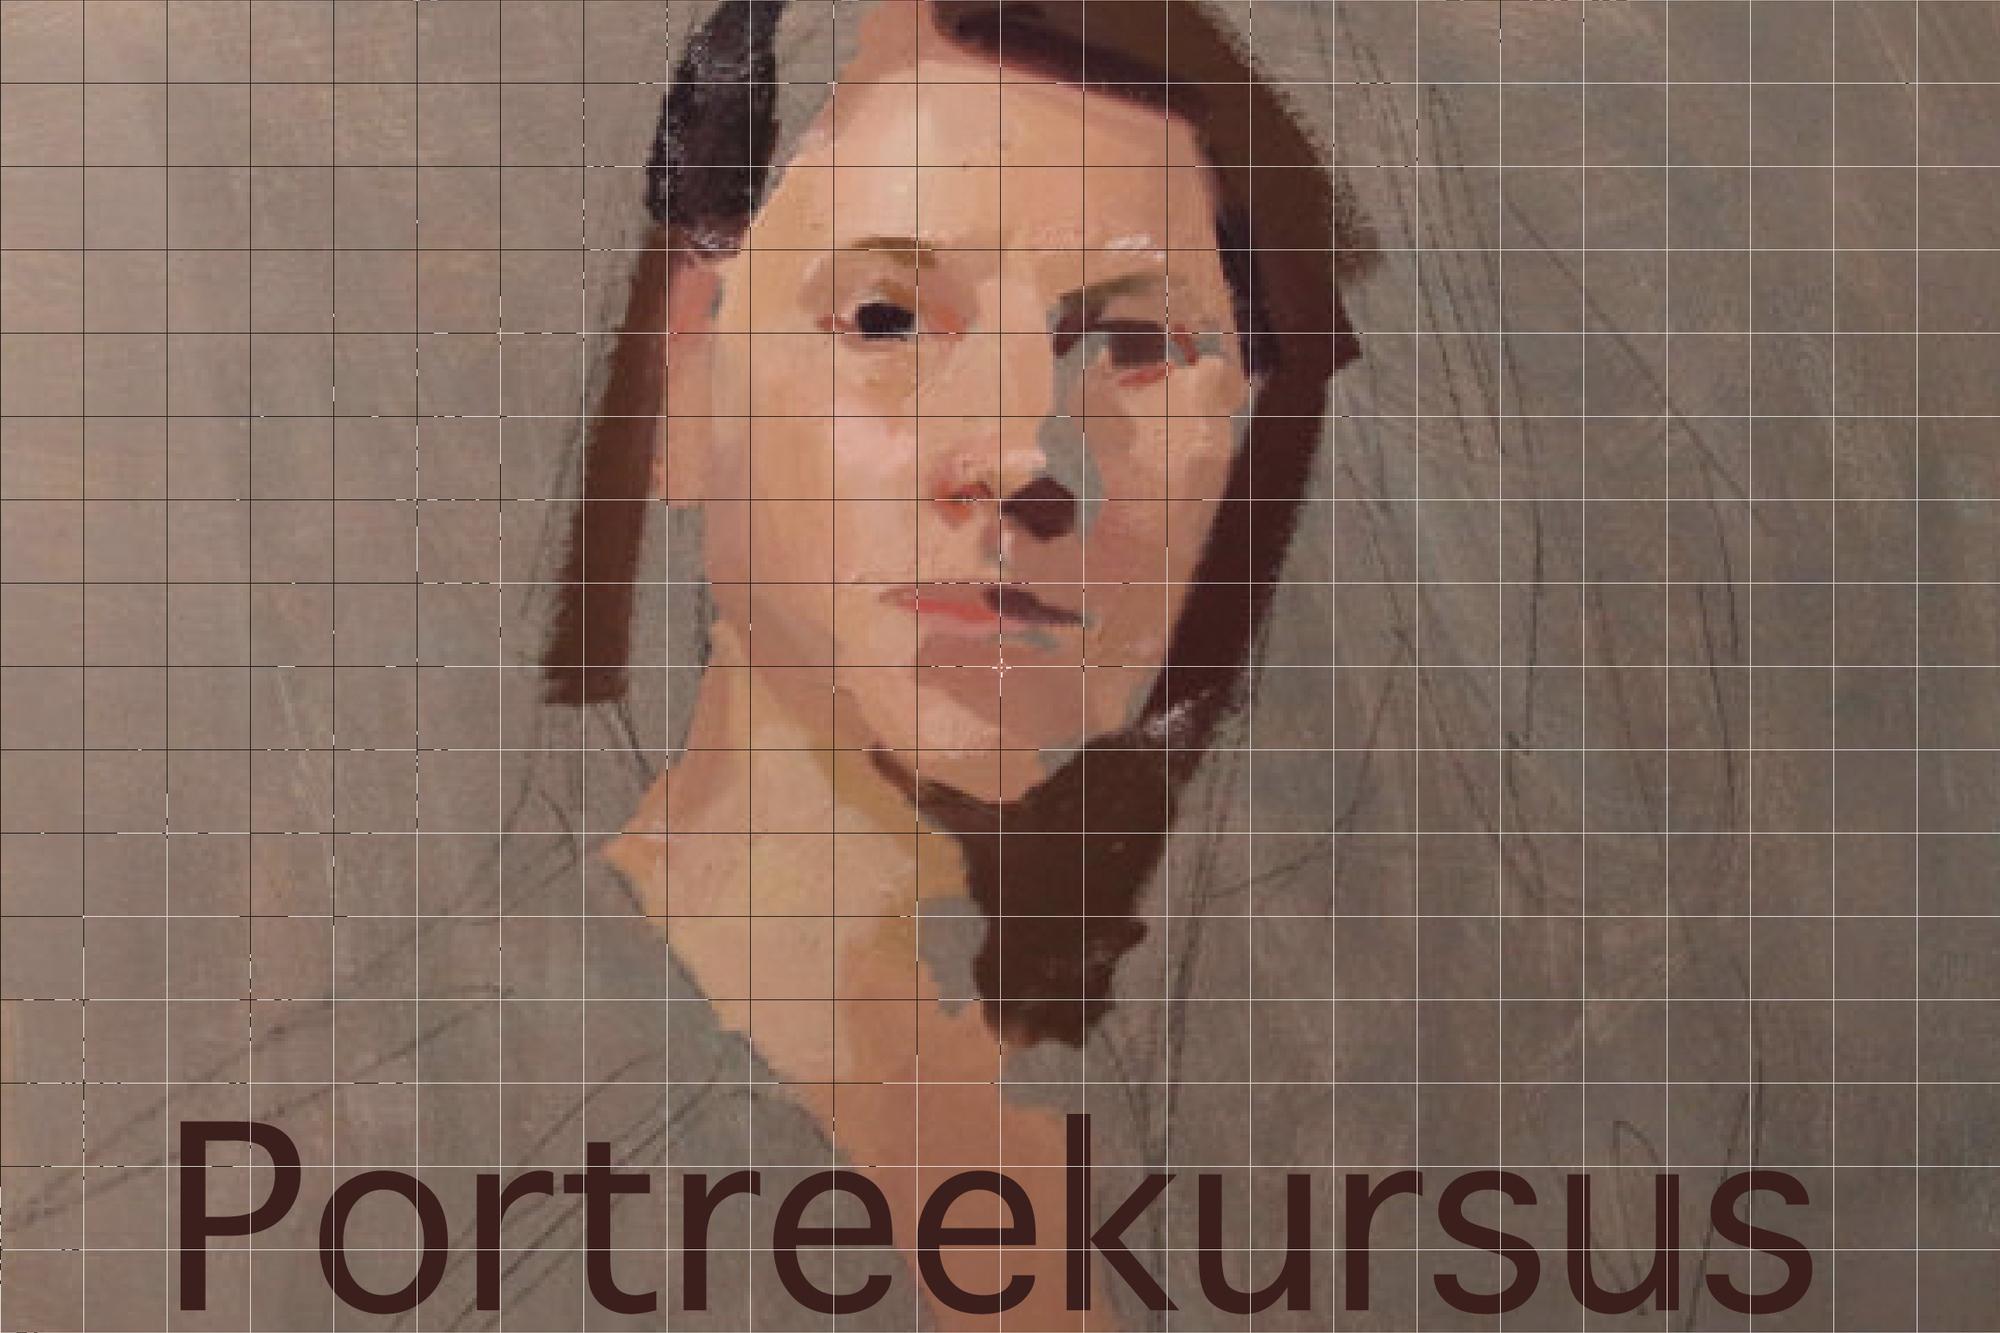 Portreekursus